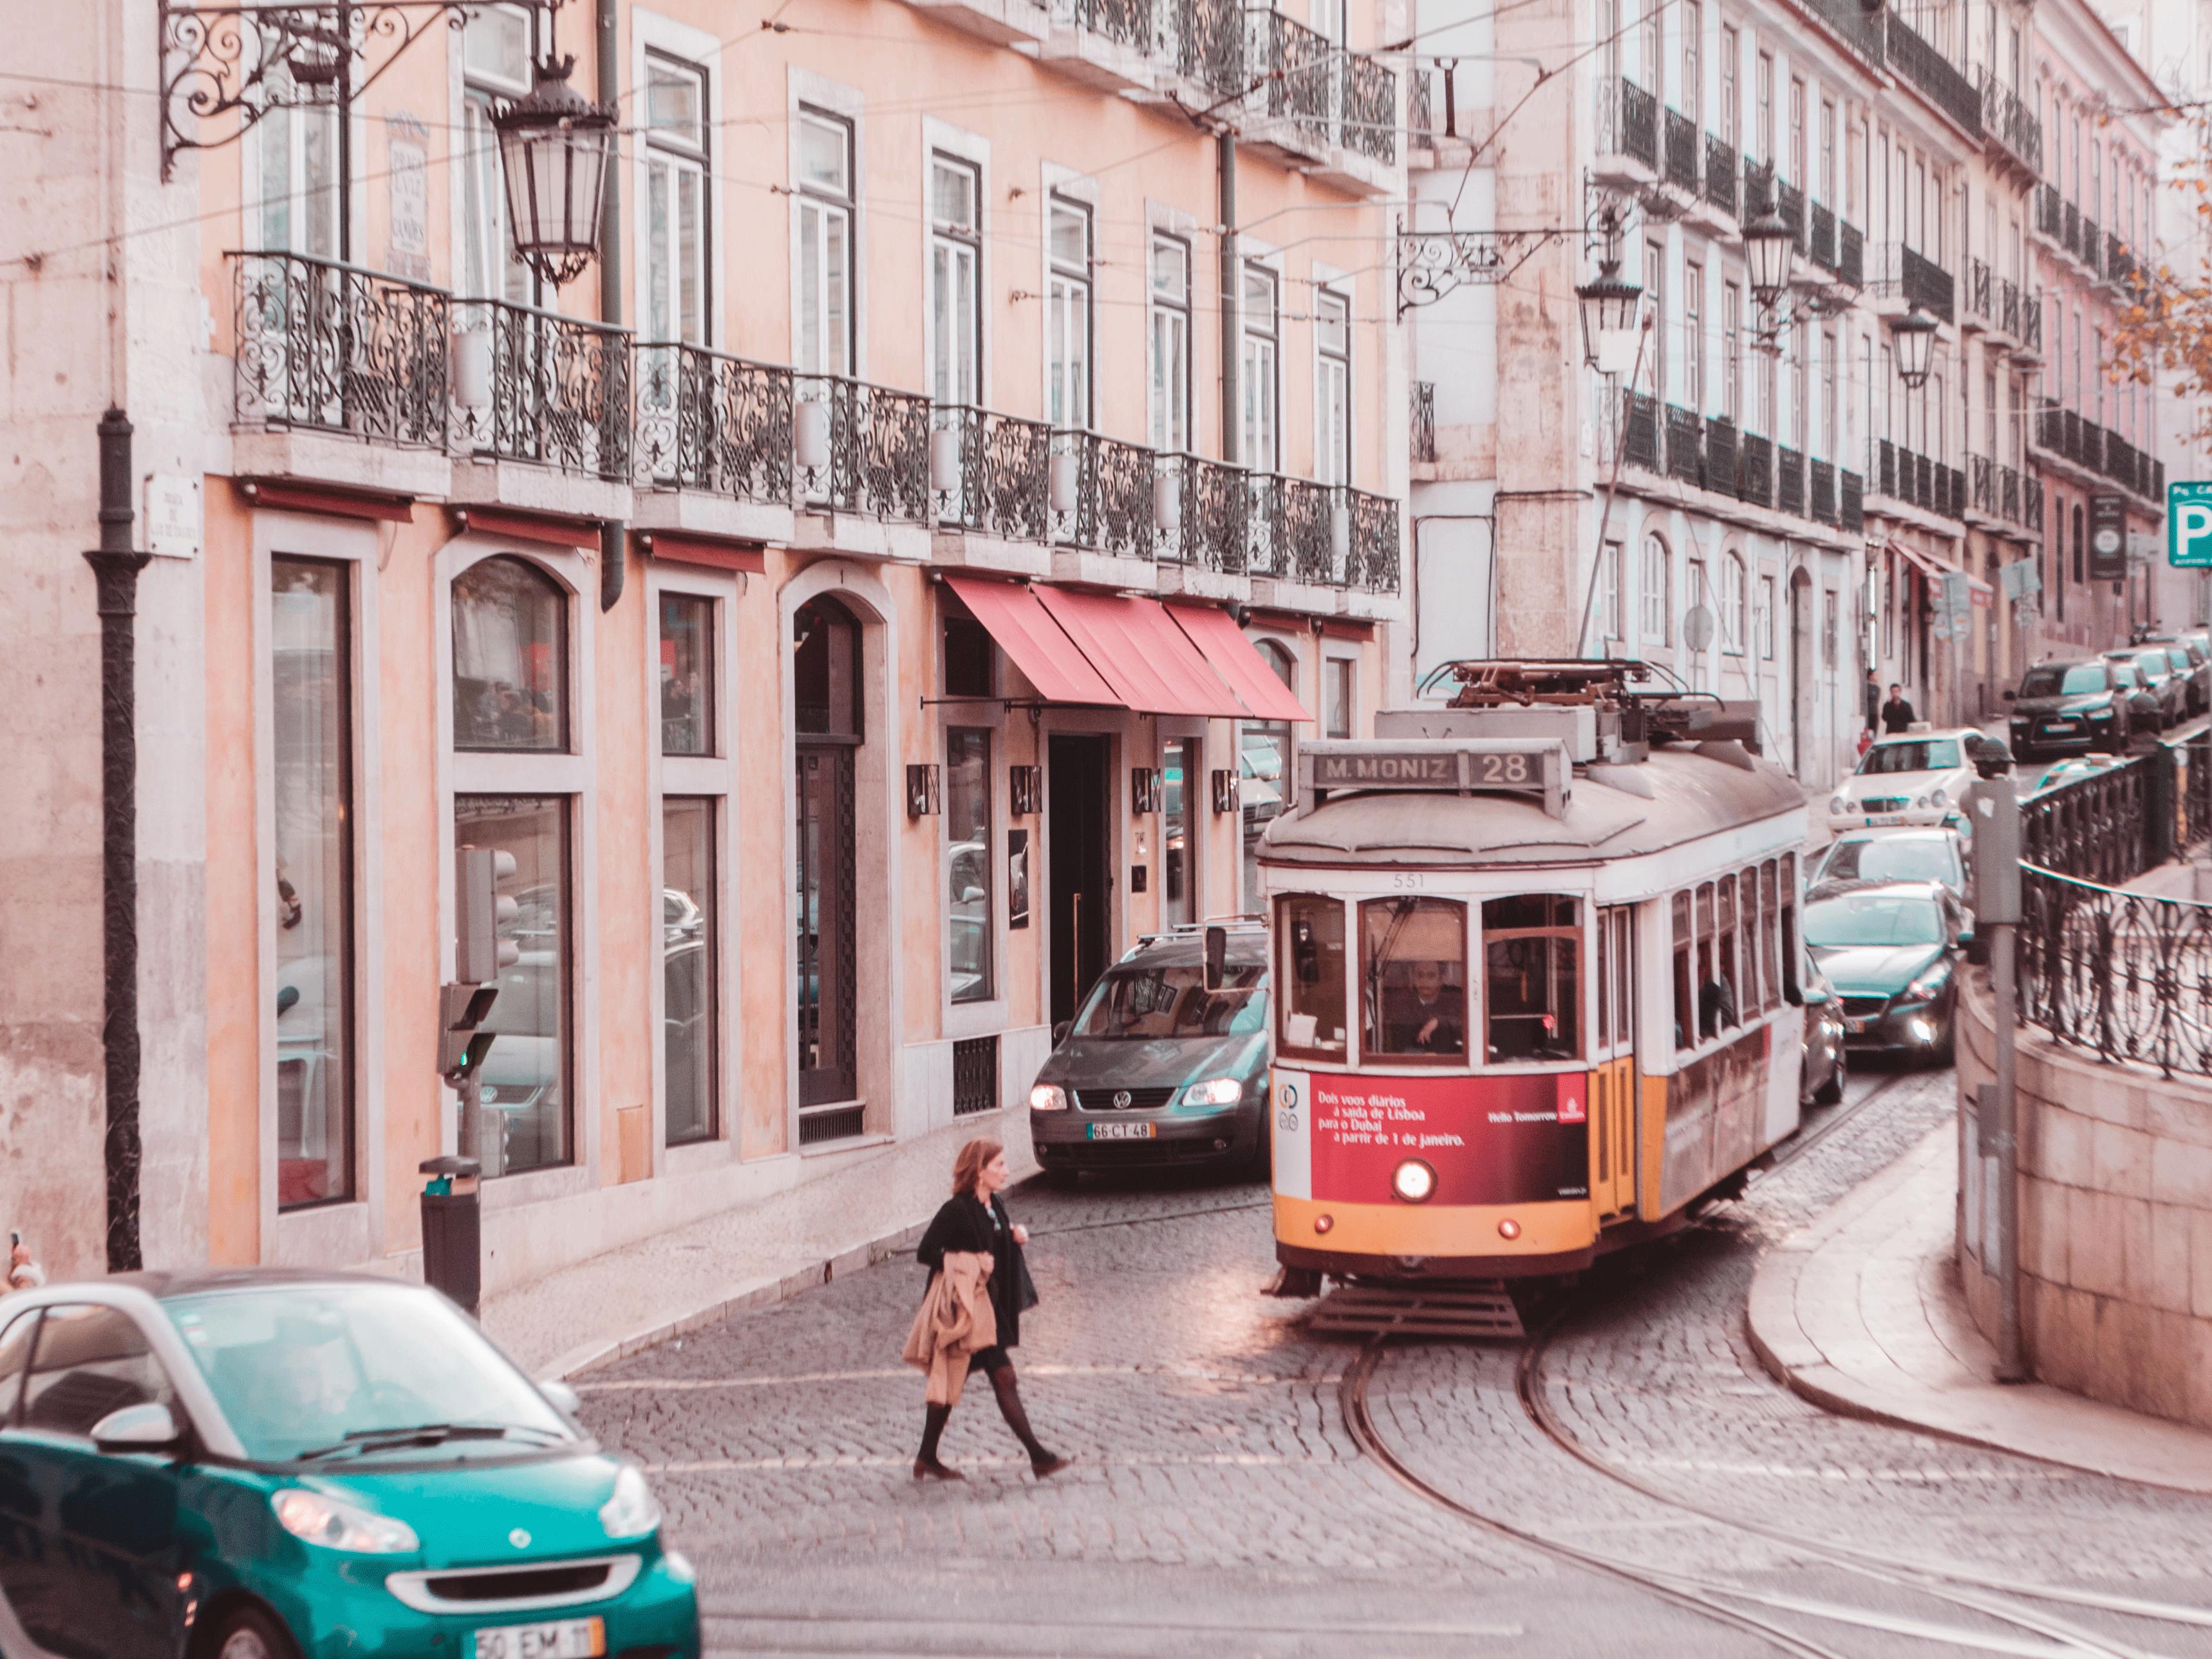 不用出國依然可以旅行:如何在家感受出國度假的感覺|旋轉拍賣